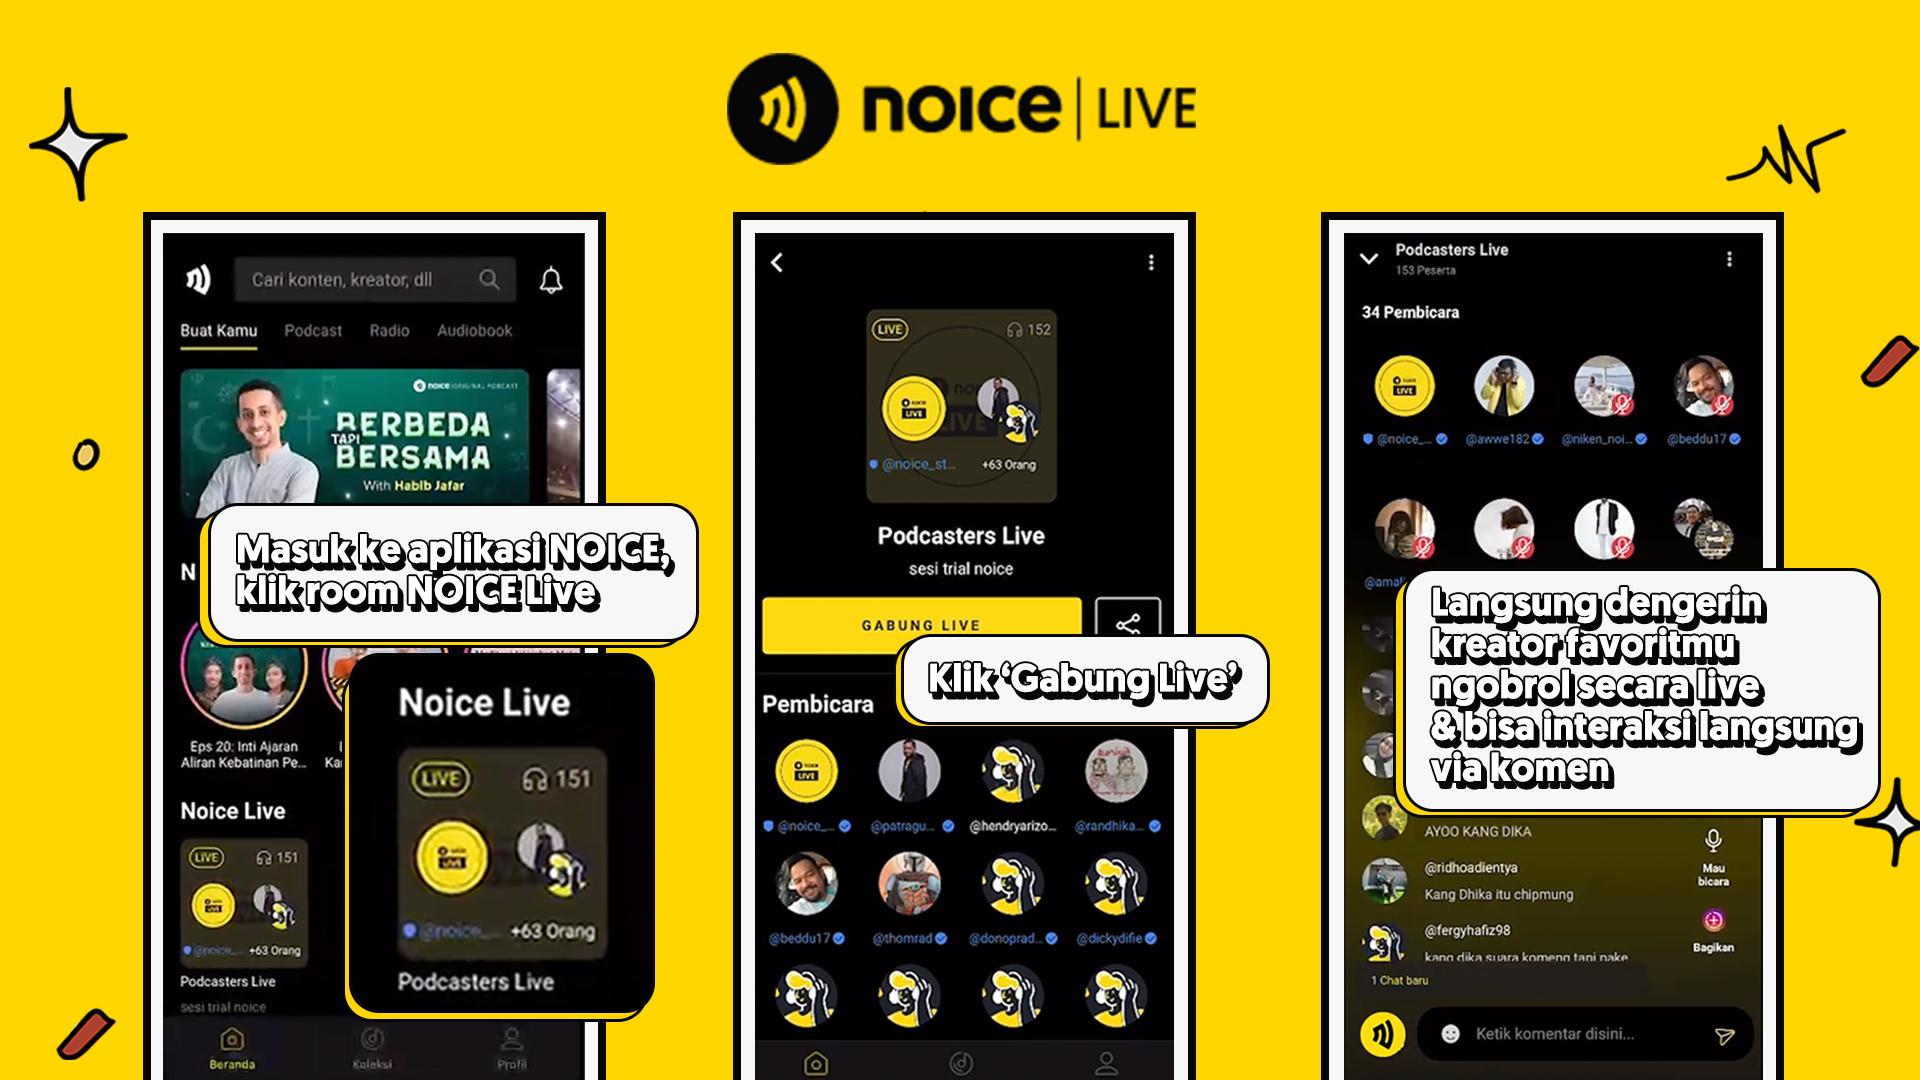 NOICE Live